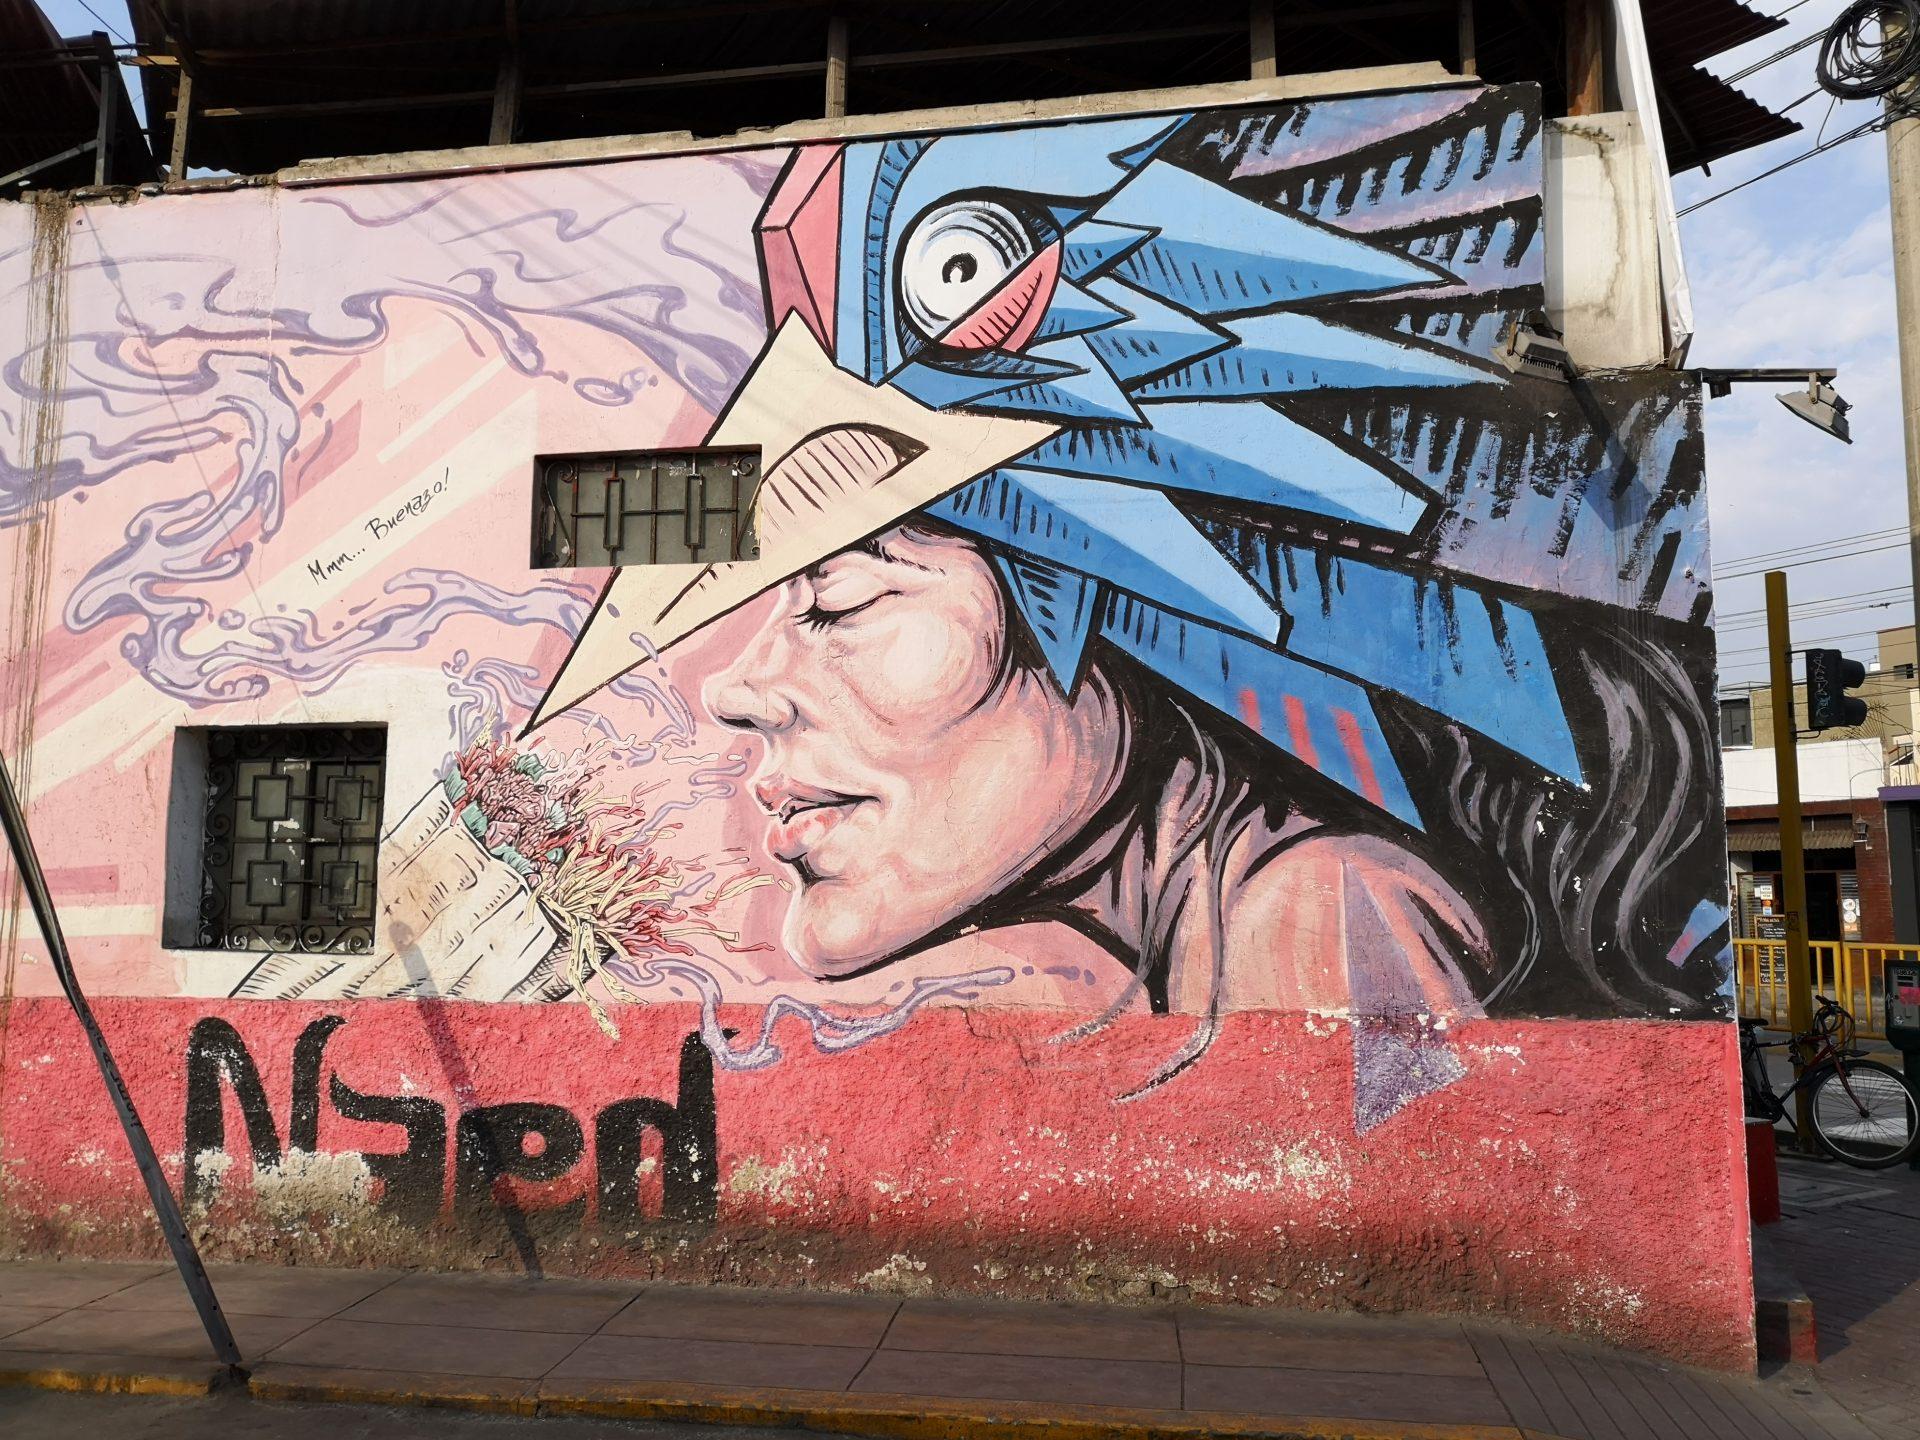 Razglednice iz Latinske Amerike – Peru, nazad u civilizaciju